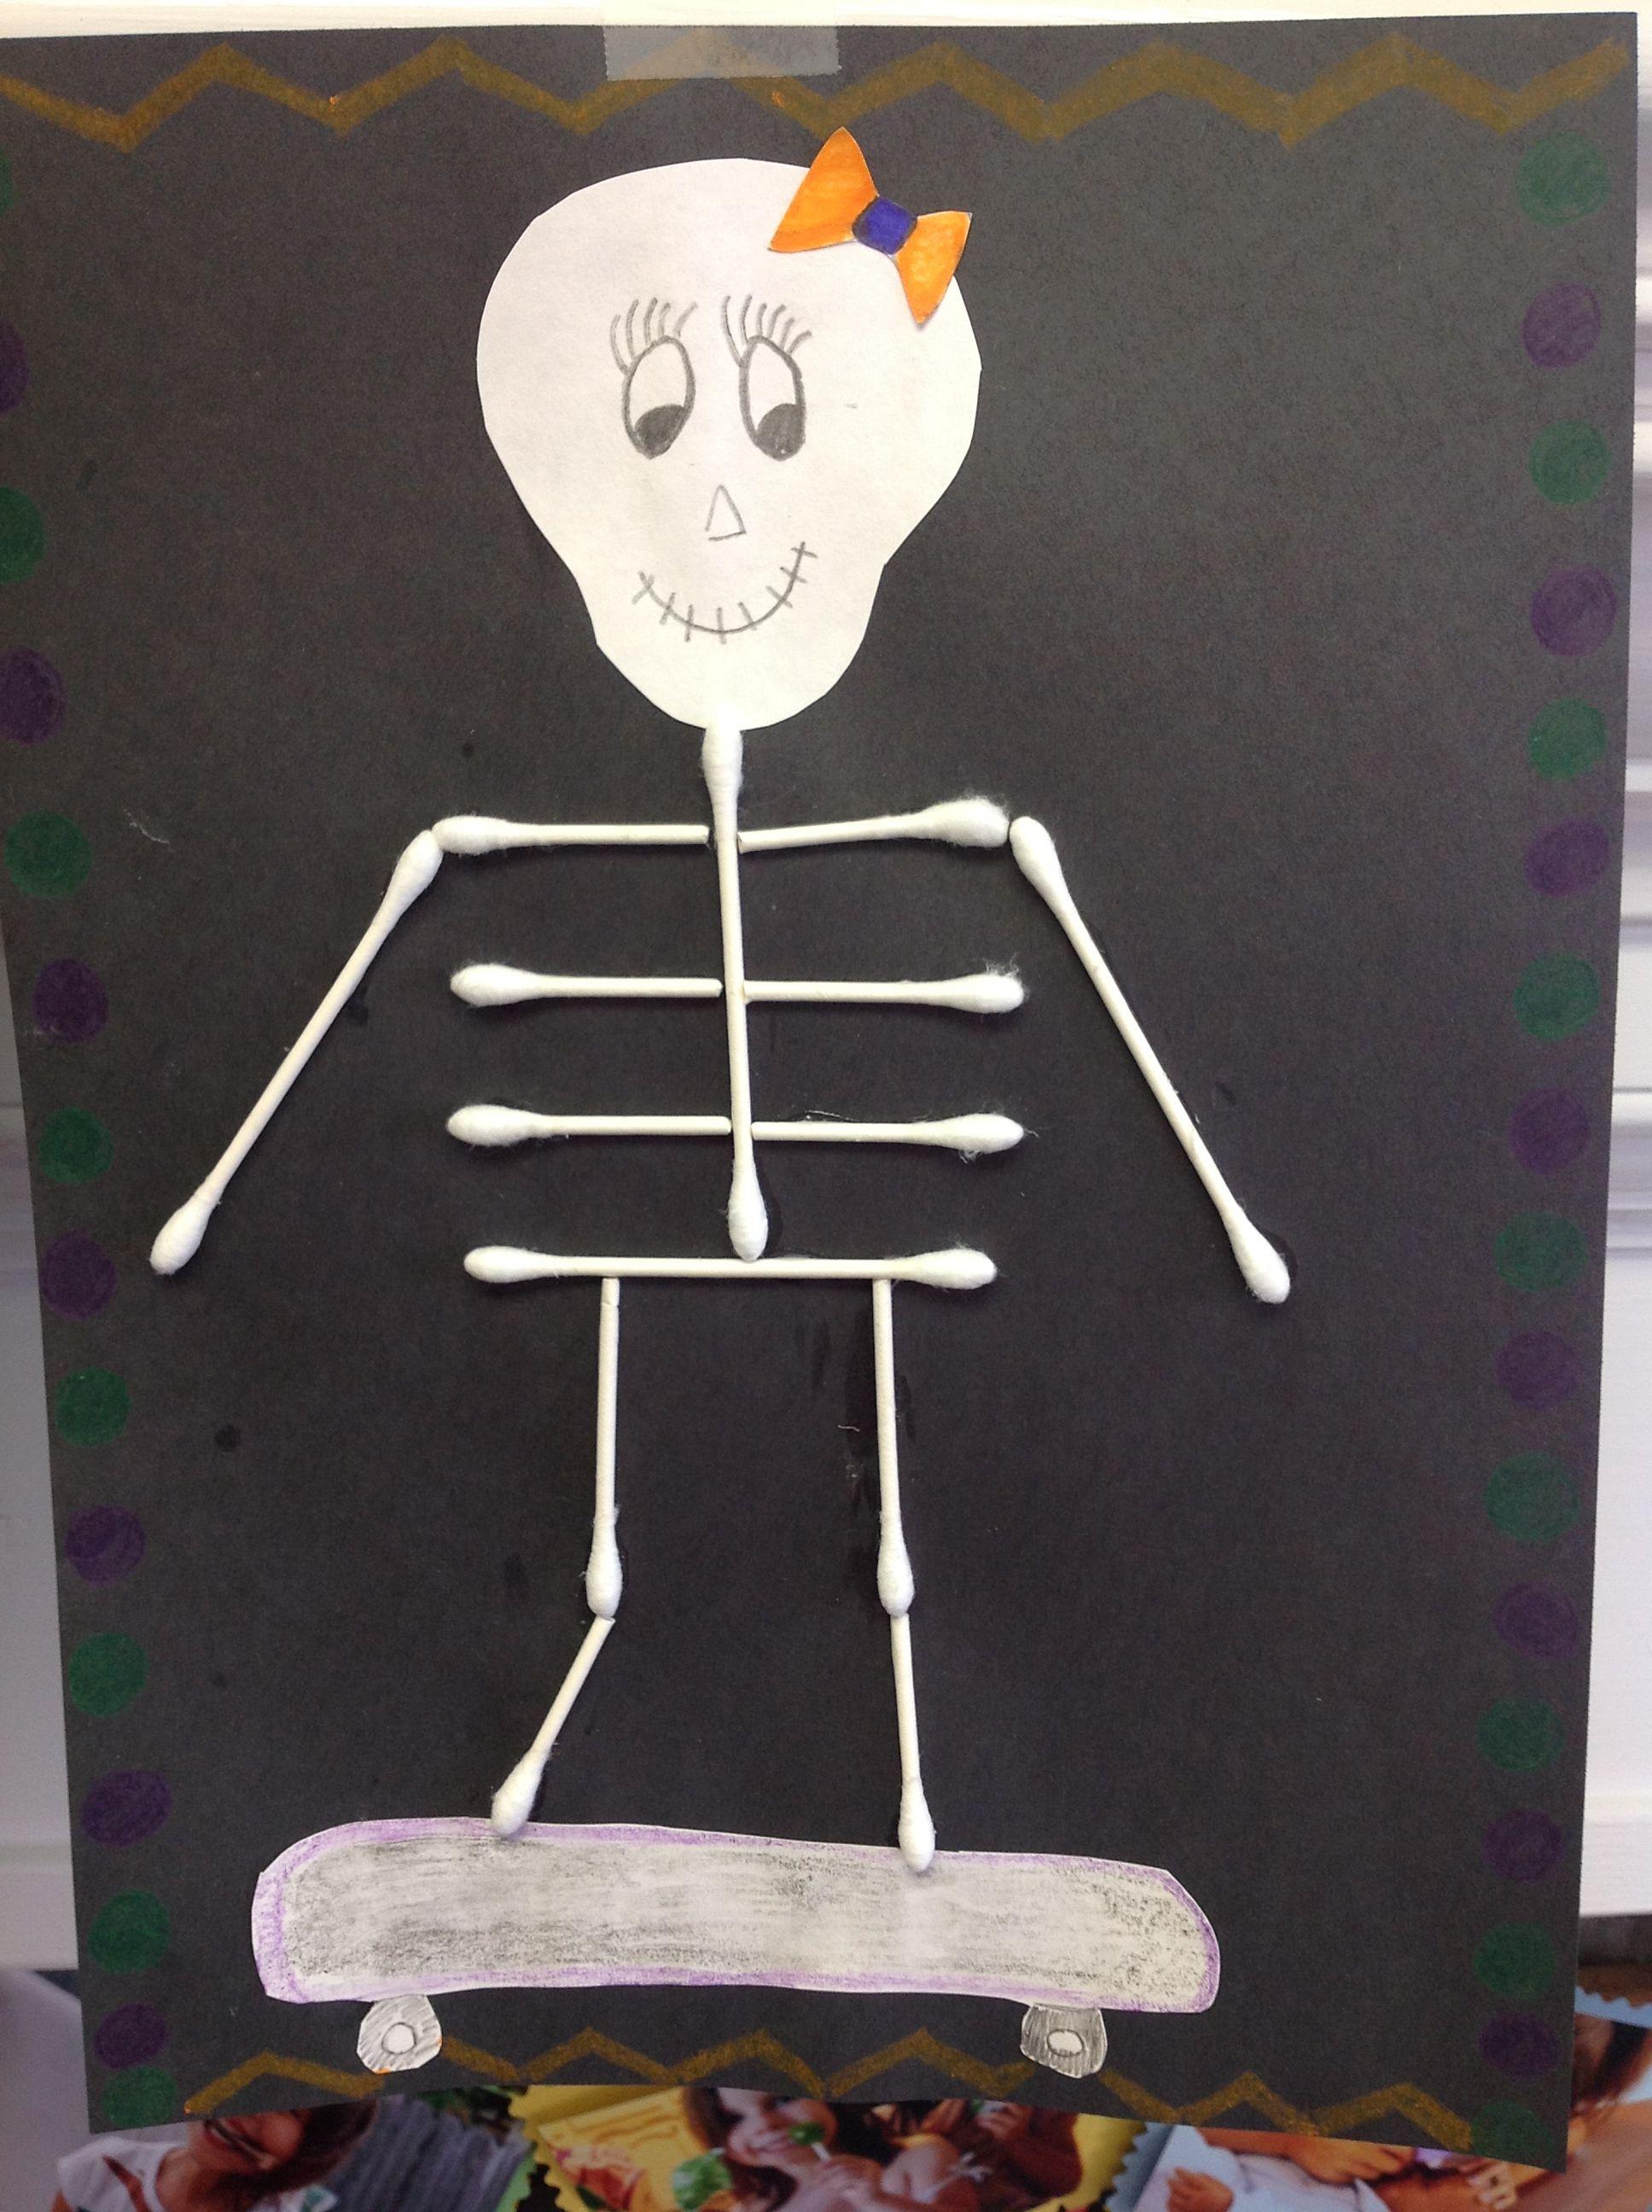 bricolage de squelette avec q tips halloween bou. Black Bedroom Furniture Sets. Home Design Ideas